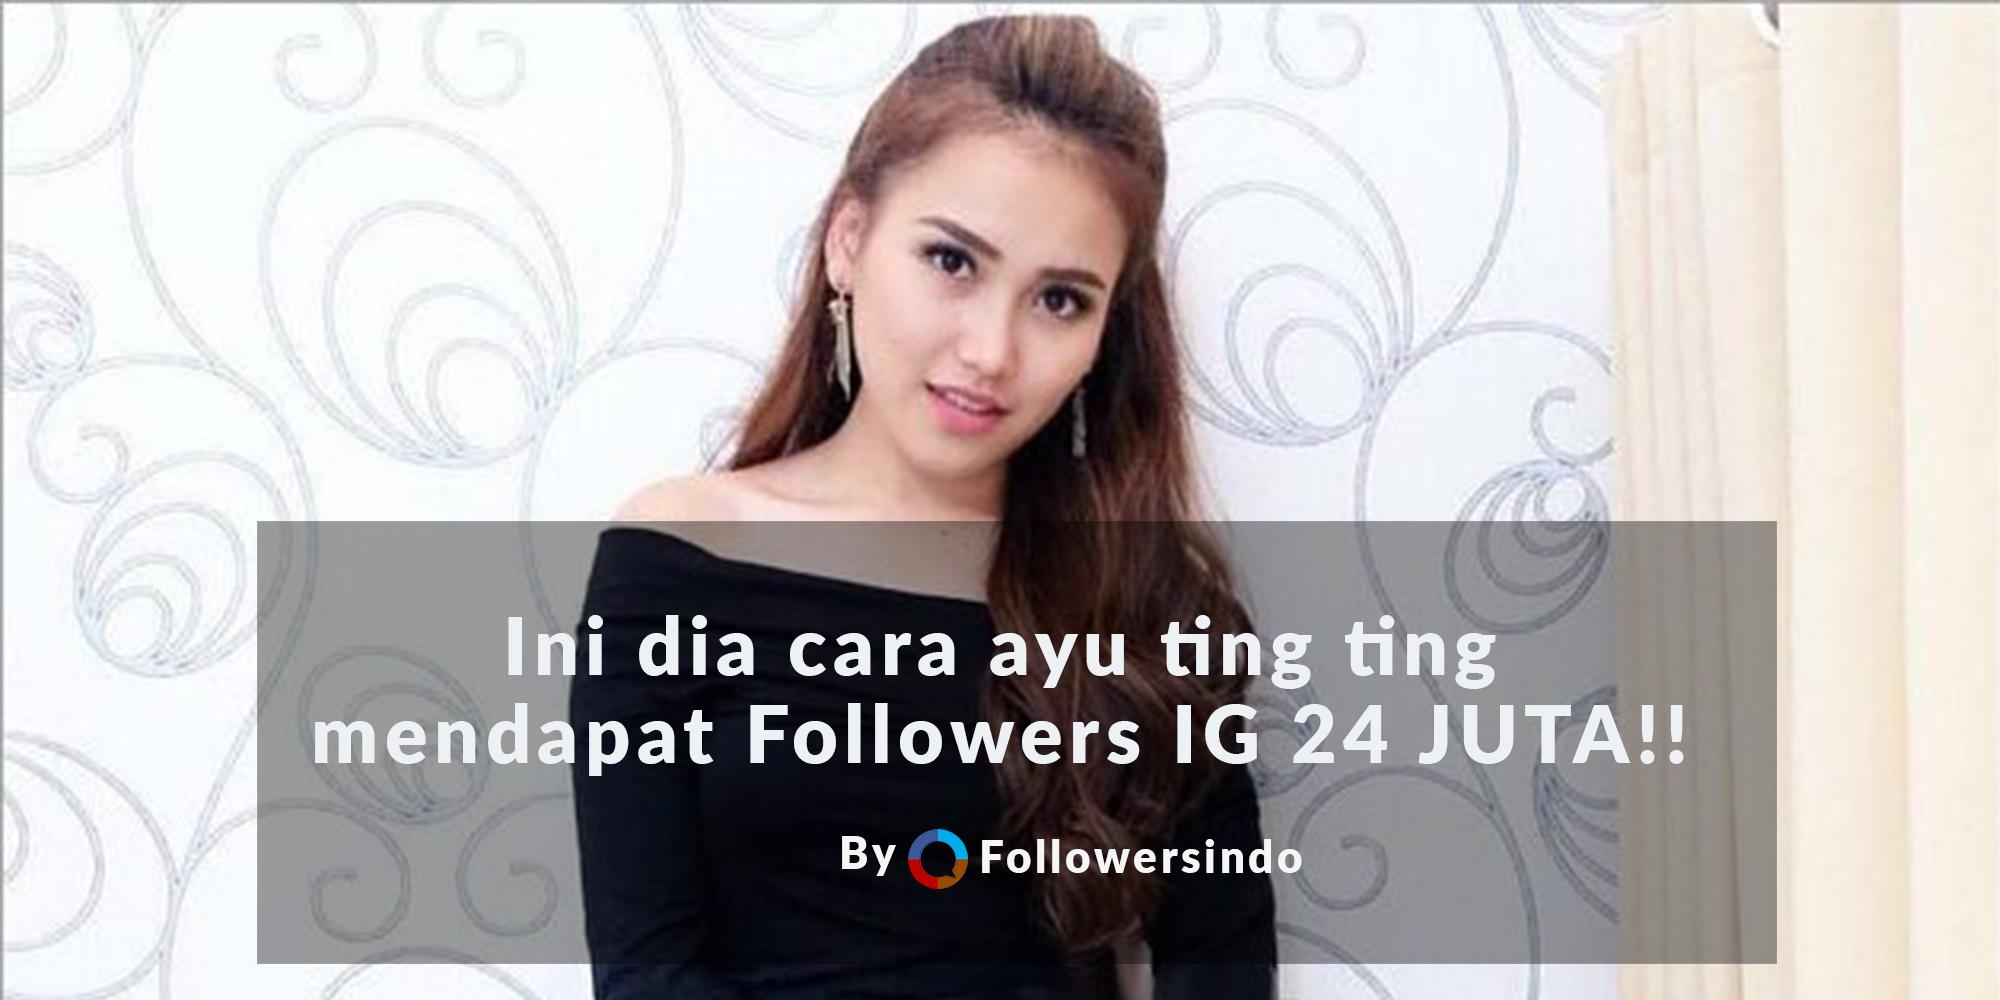 Ayu Ting Ting Punya Followers 24 juta Intip Rahasianya! - Followersindo.com